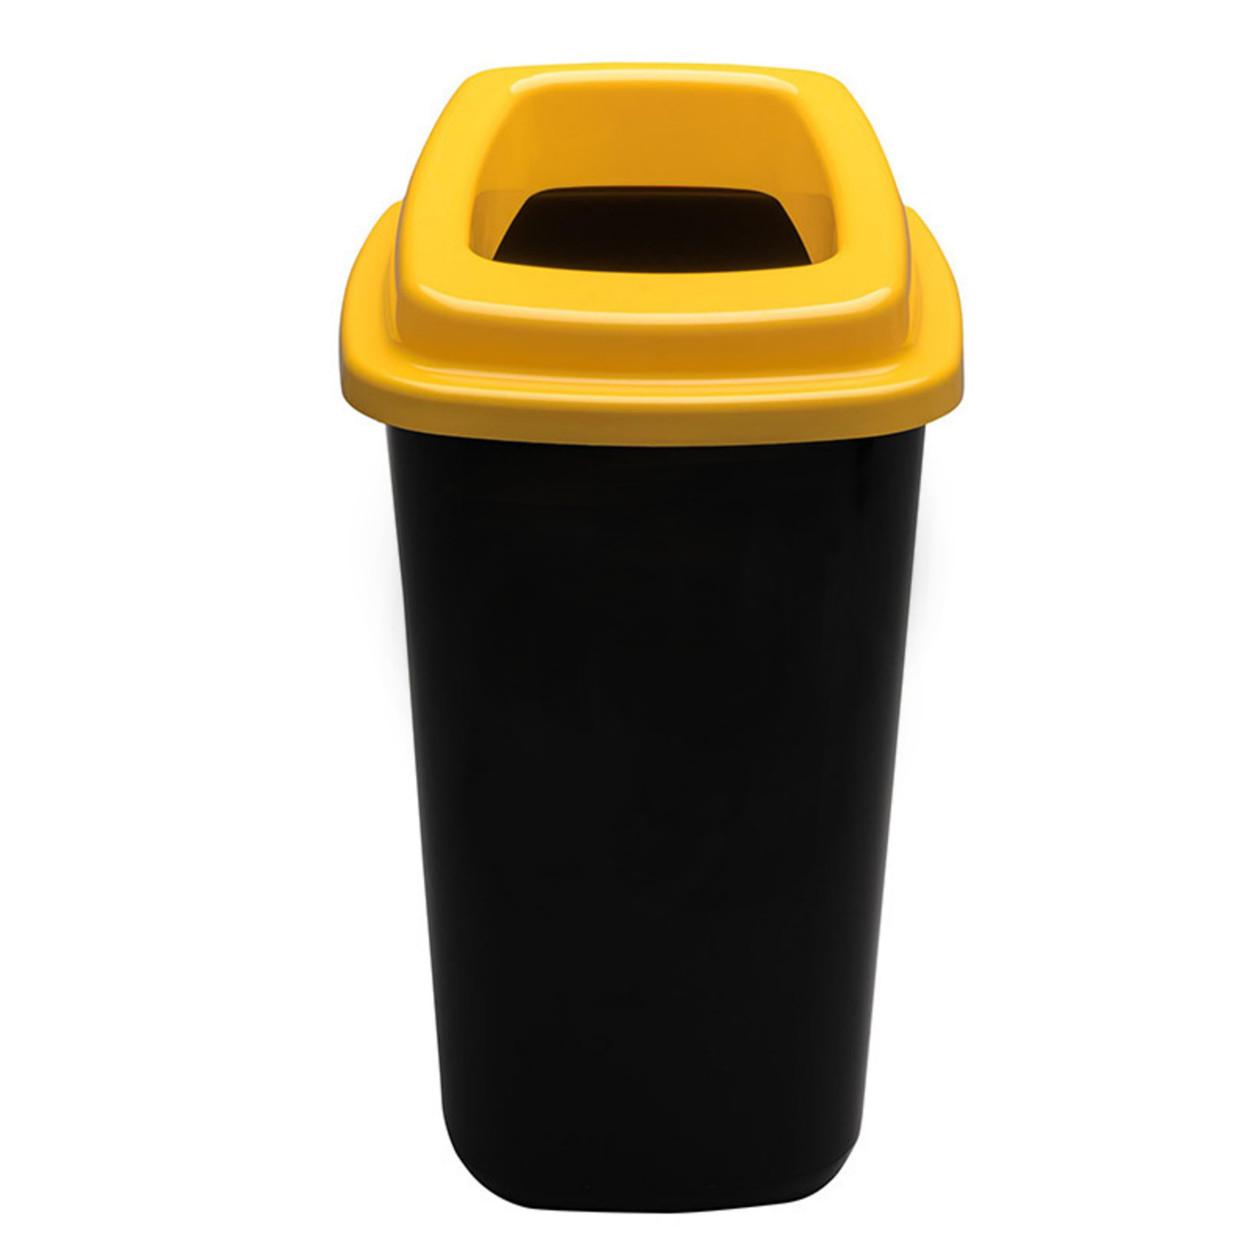 Plastový koš na tříděný odpad, 45 l, žlutá